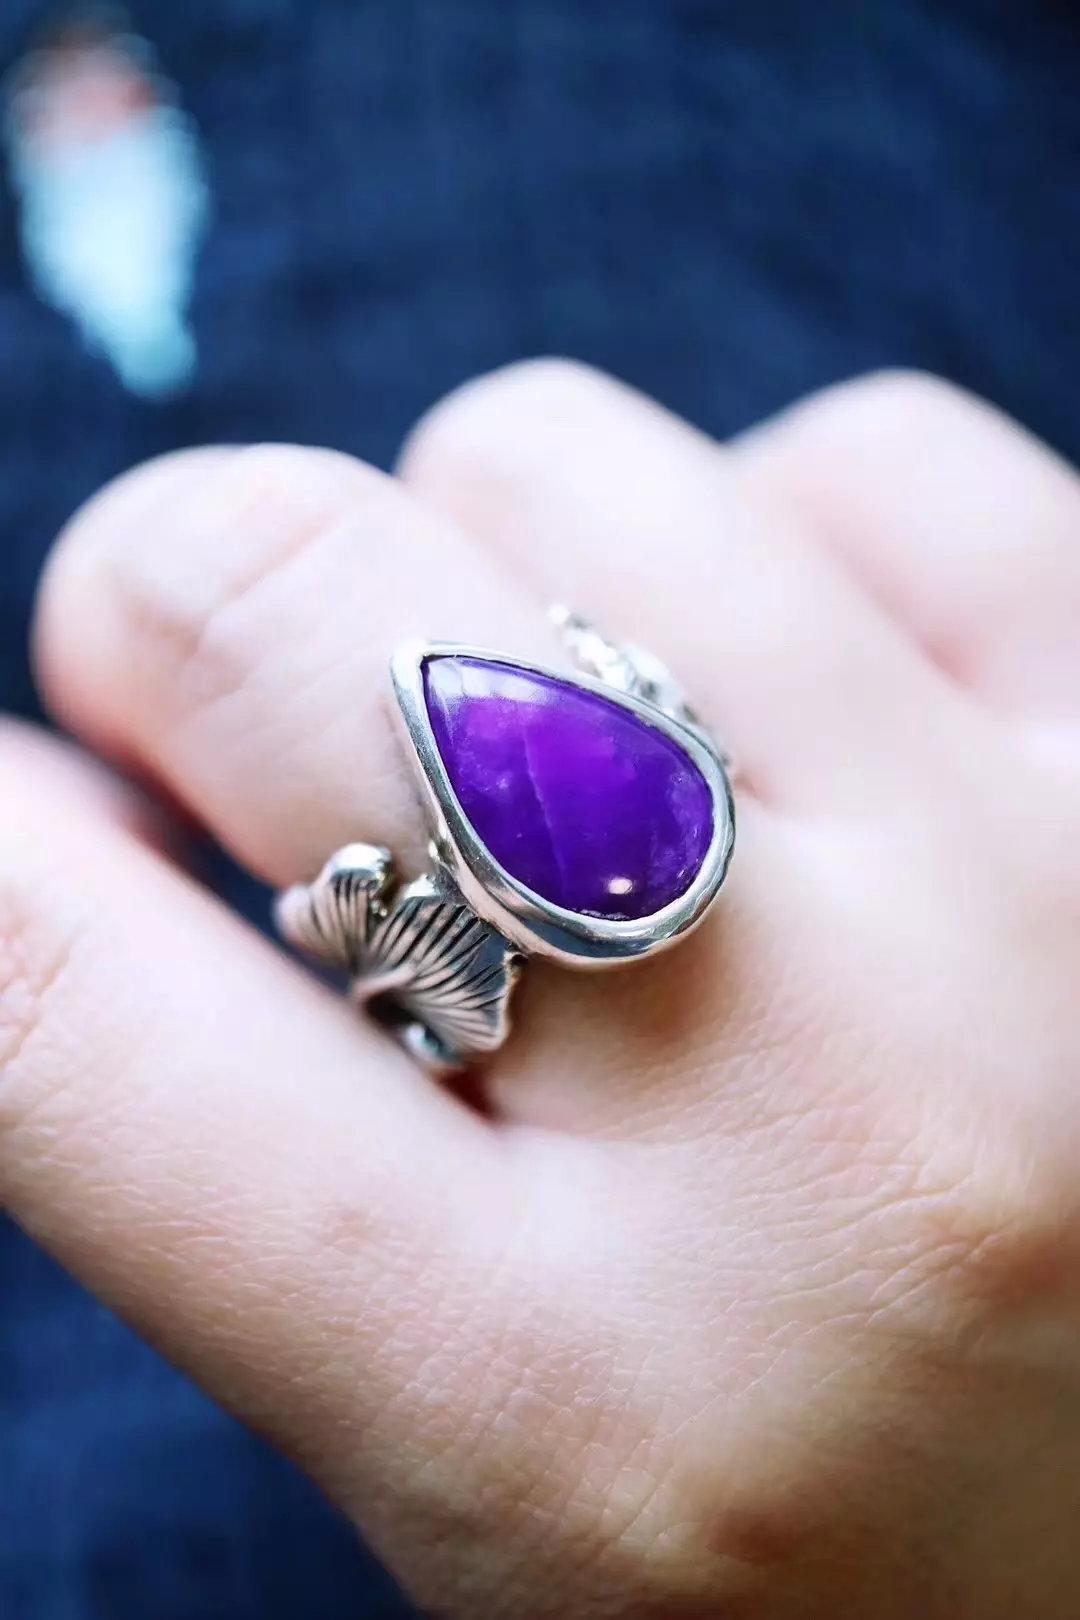 了解几种常见的宝石镶嵌设计,你喜欢哪一种呢?-菩心晶舍